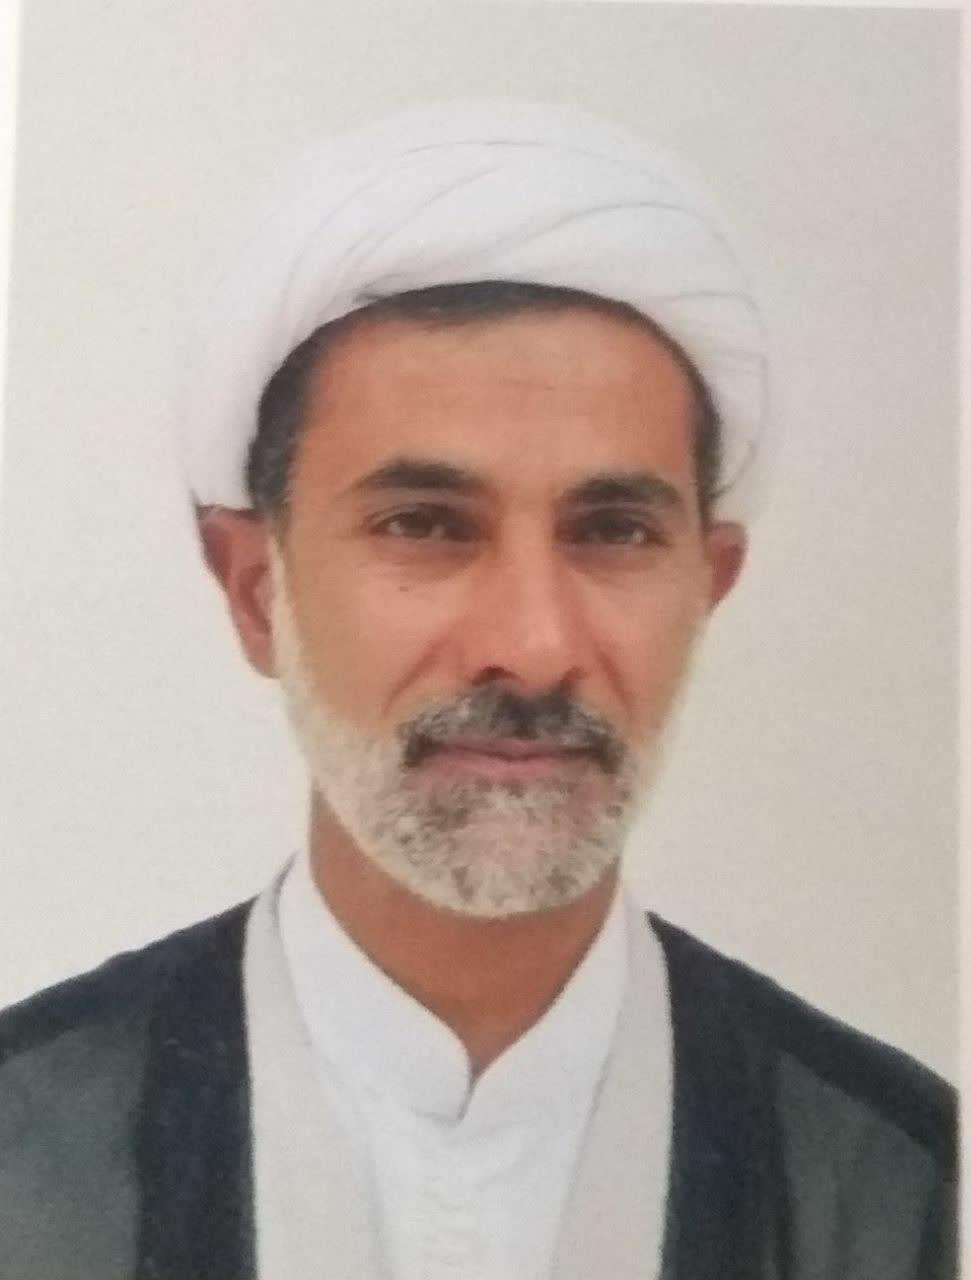 زندگینامه حجت الاسلام والمسلمین حسن نداف پور